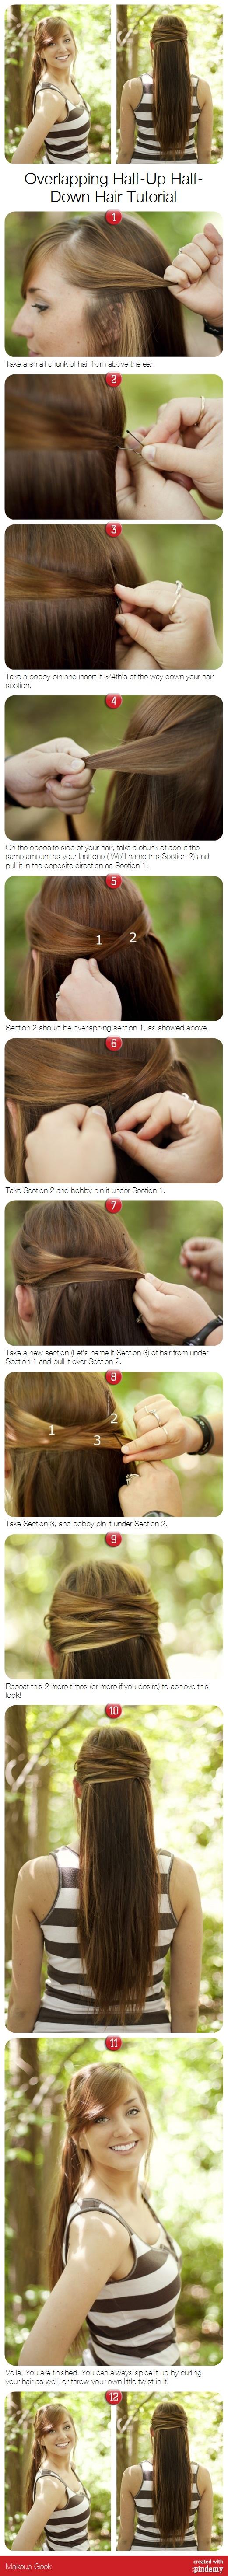 Overlapping halfup halfdown hair tutorial hair pinterest